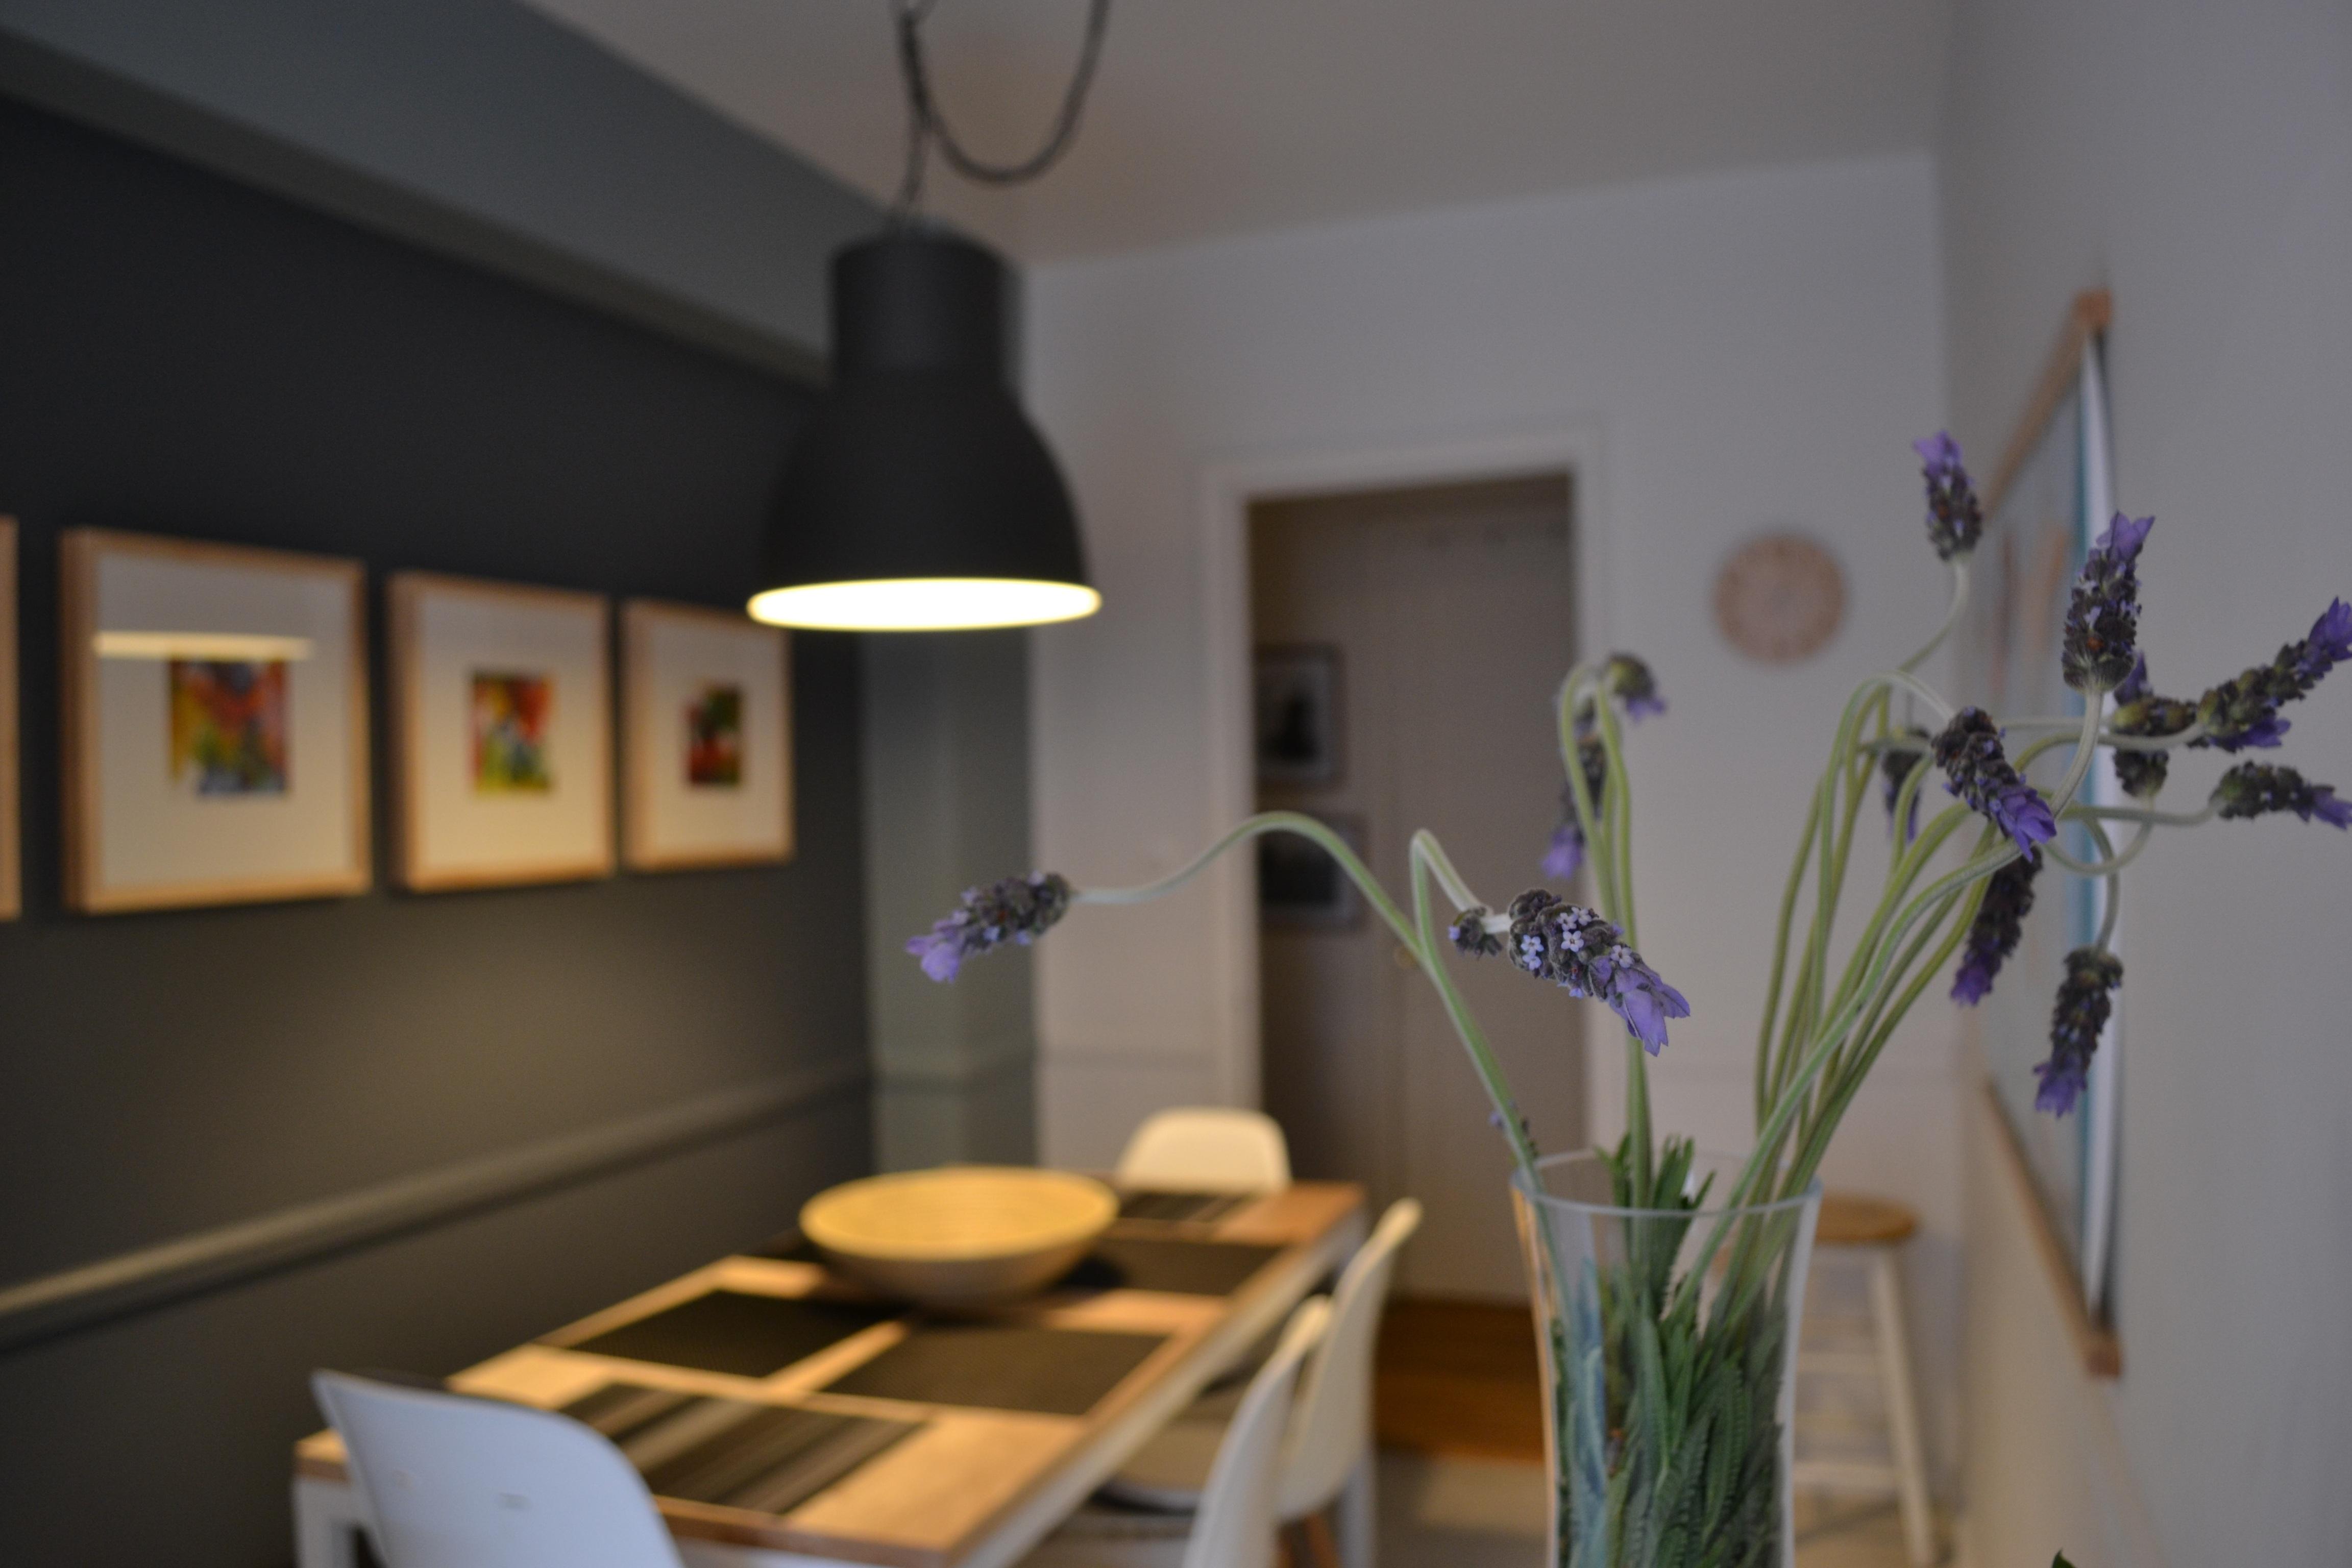 Gratis billeder : tabel, buket, værelse, belysning, lavendel ...